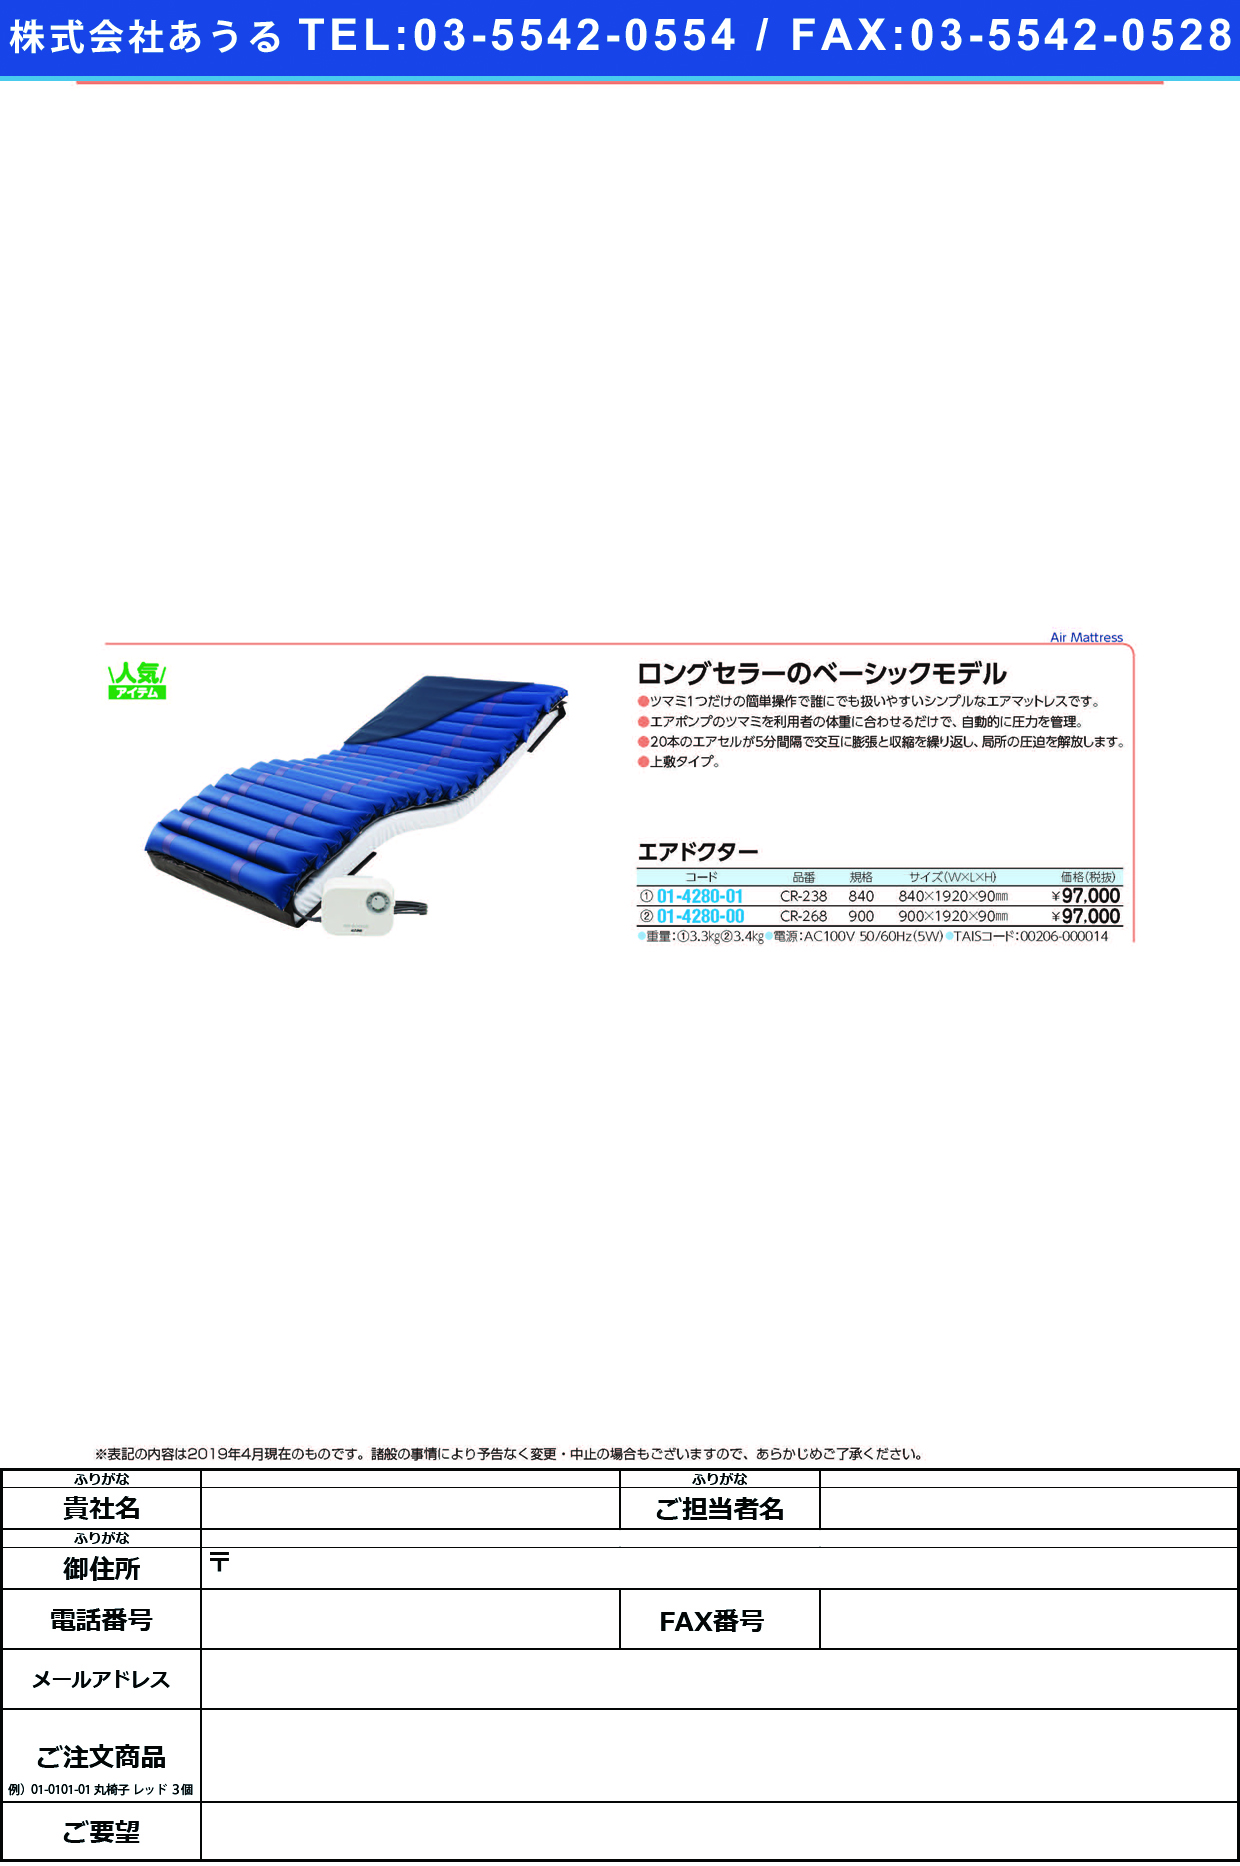 (01-4280-01)エアドクターセット(840タイプ) CR-238(84X190X9CM) エアドクターセット(840タイプ)(ケープ)【1台単位】【2019年カタログ商品】